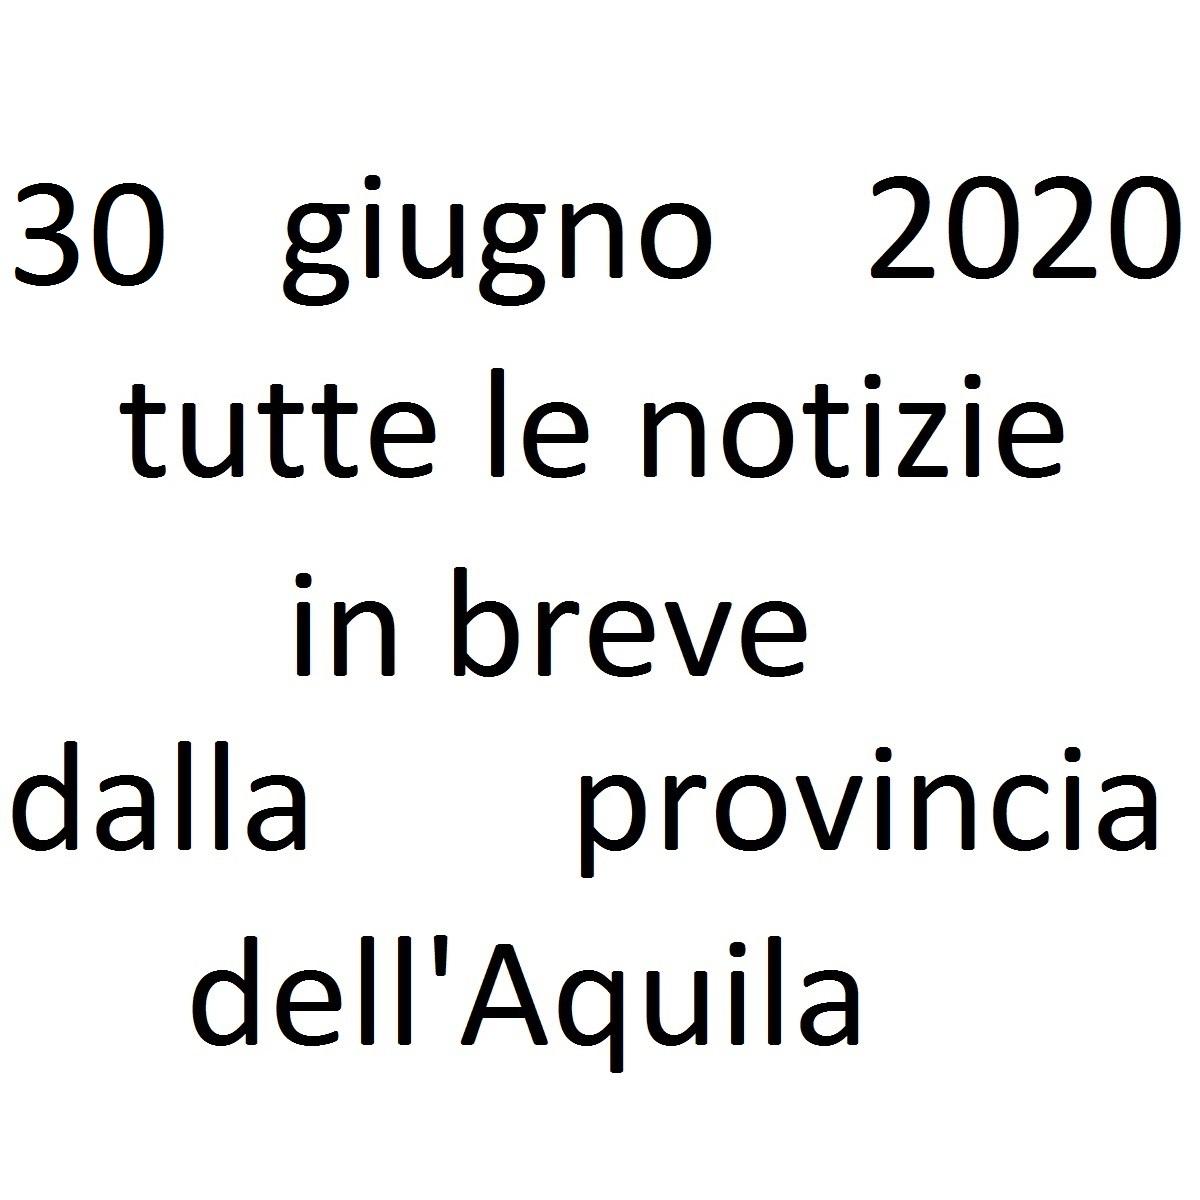 30 giugno 2020 notizie in breve dalla Provincia dell'Aquila foto